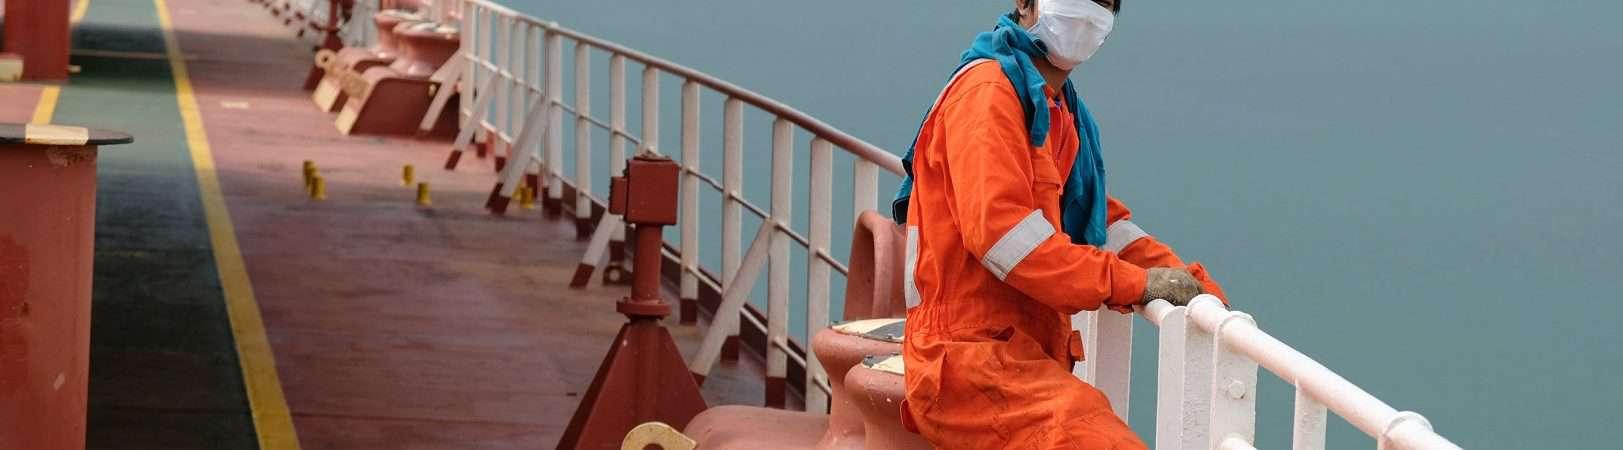 Navio porto covid cargueiro